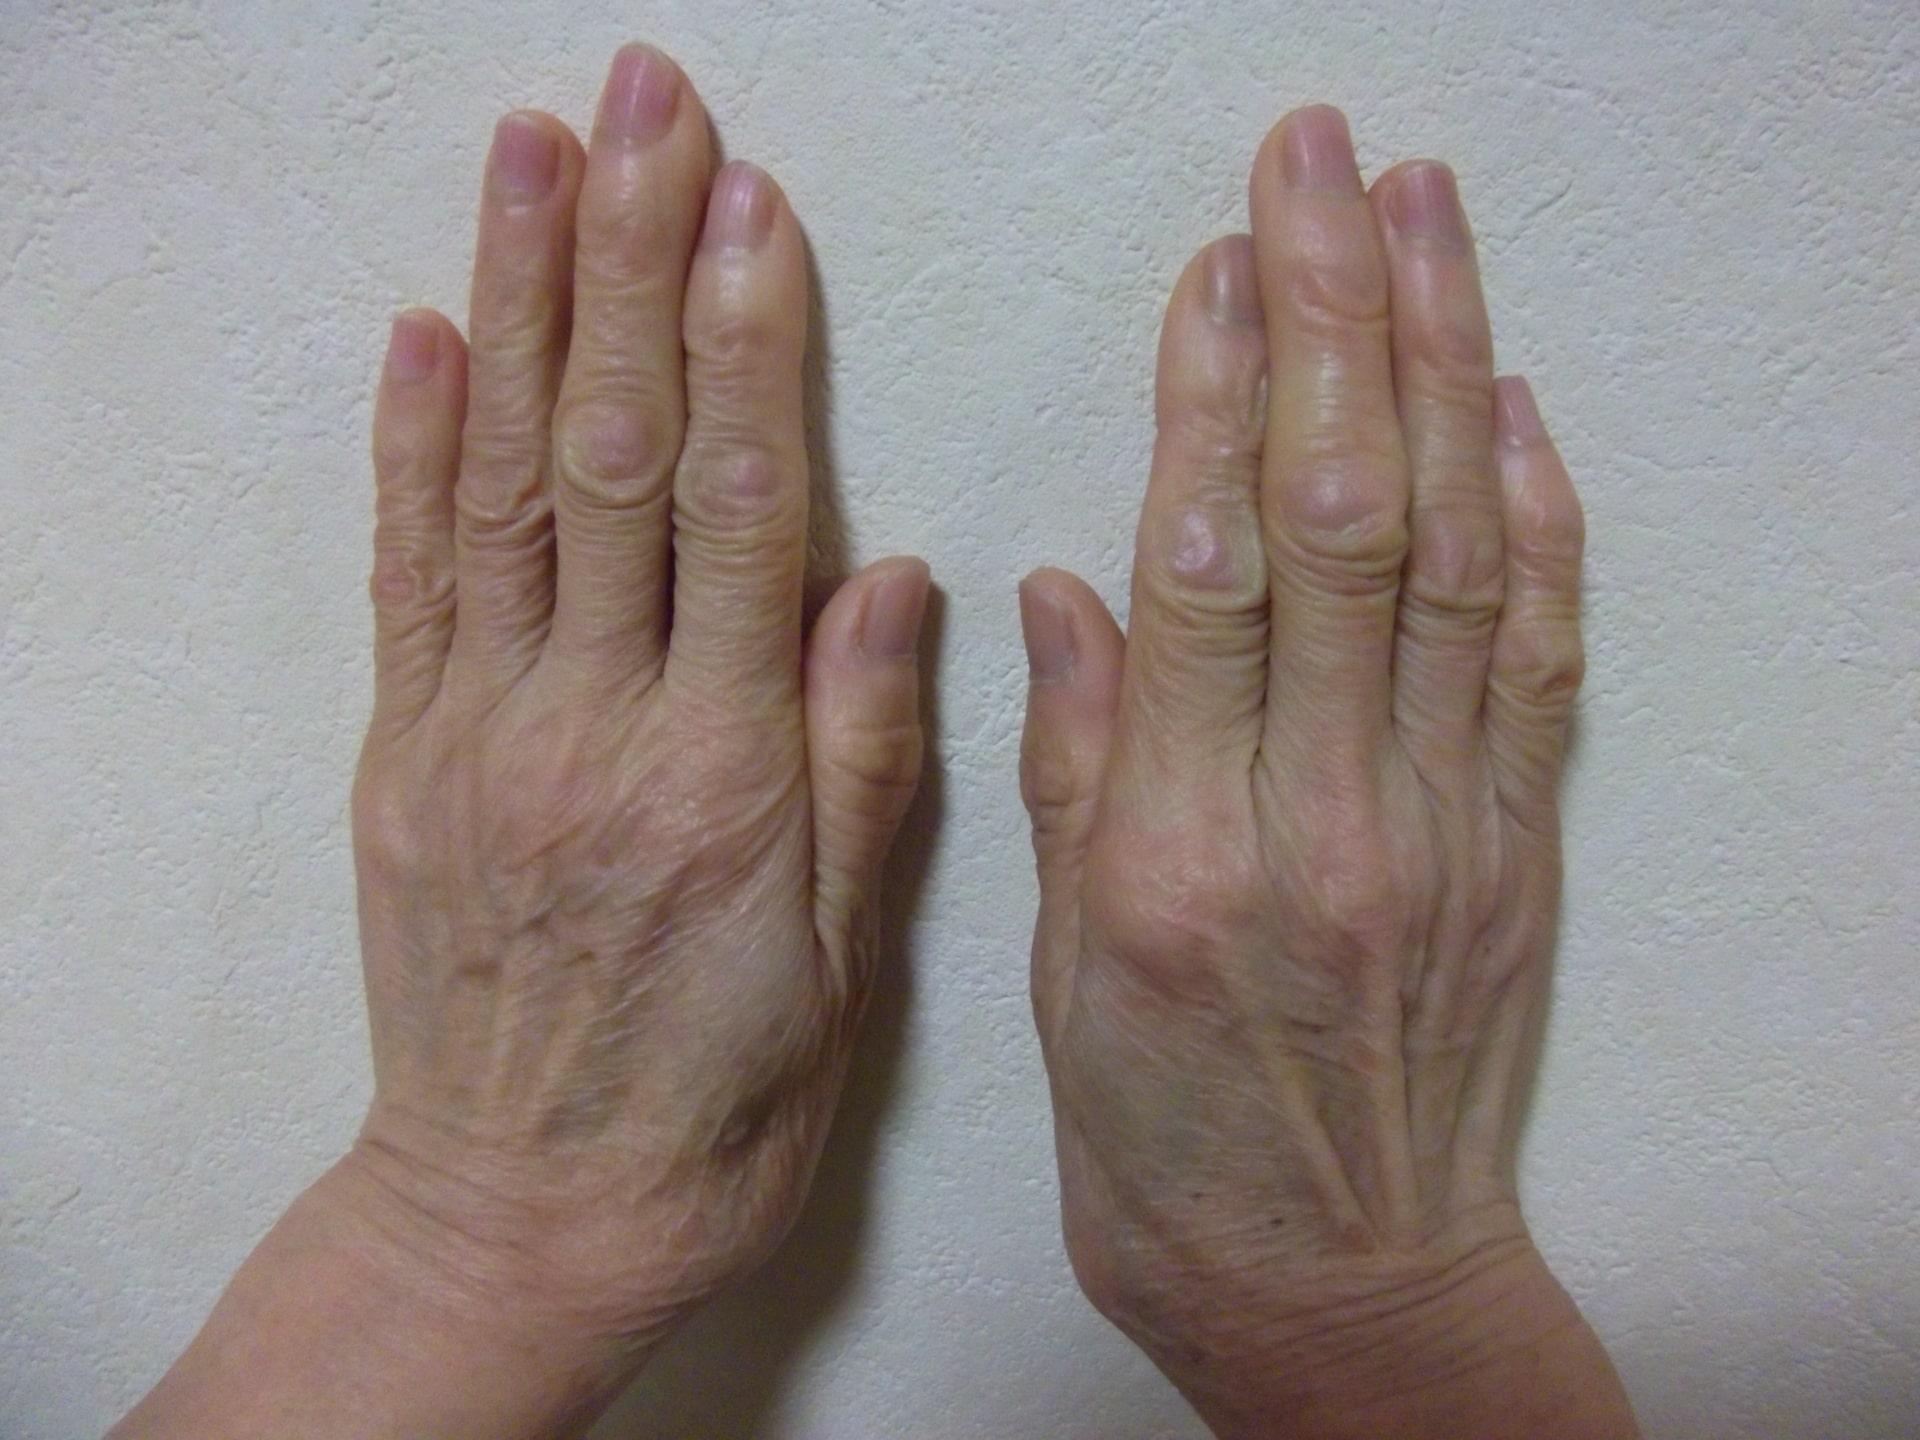 老けた手に見える3つの印象